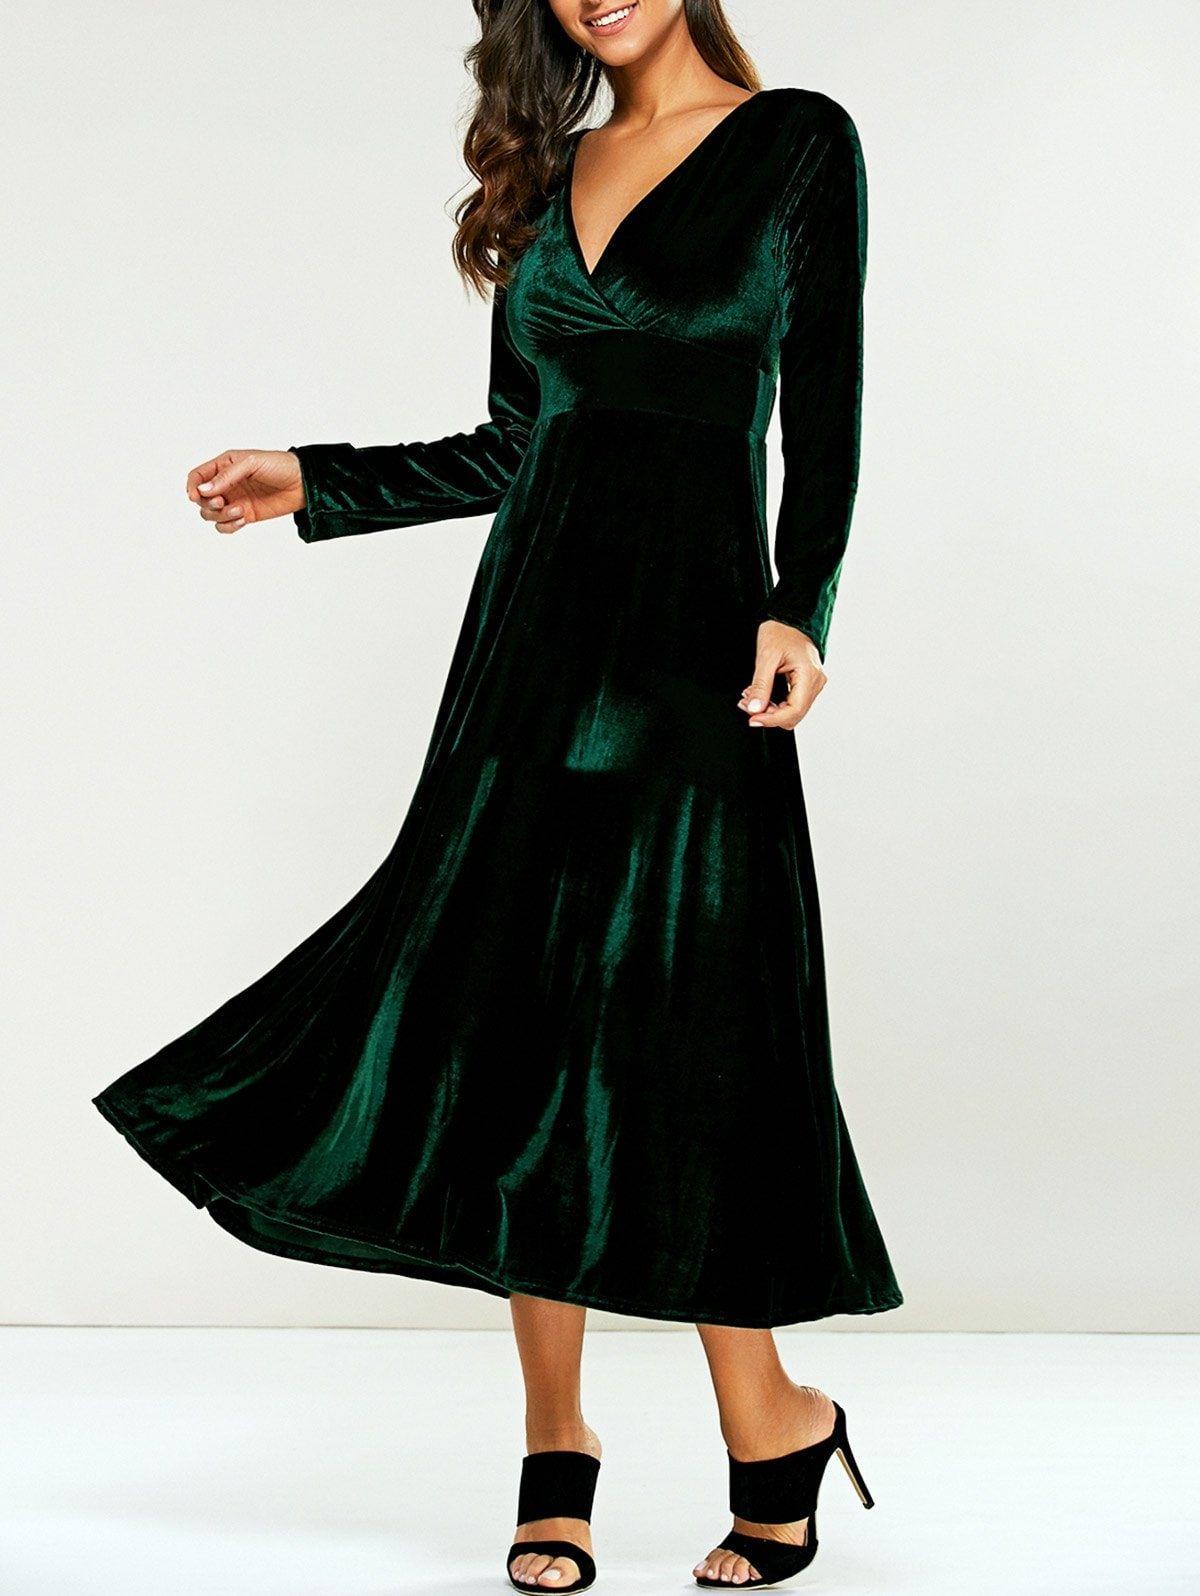 Surplice velvet tea length long sleeve dress apple shape dresses